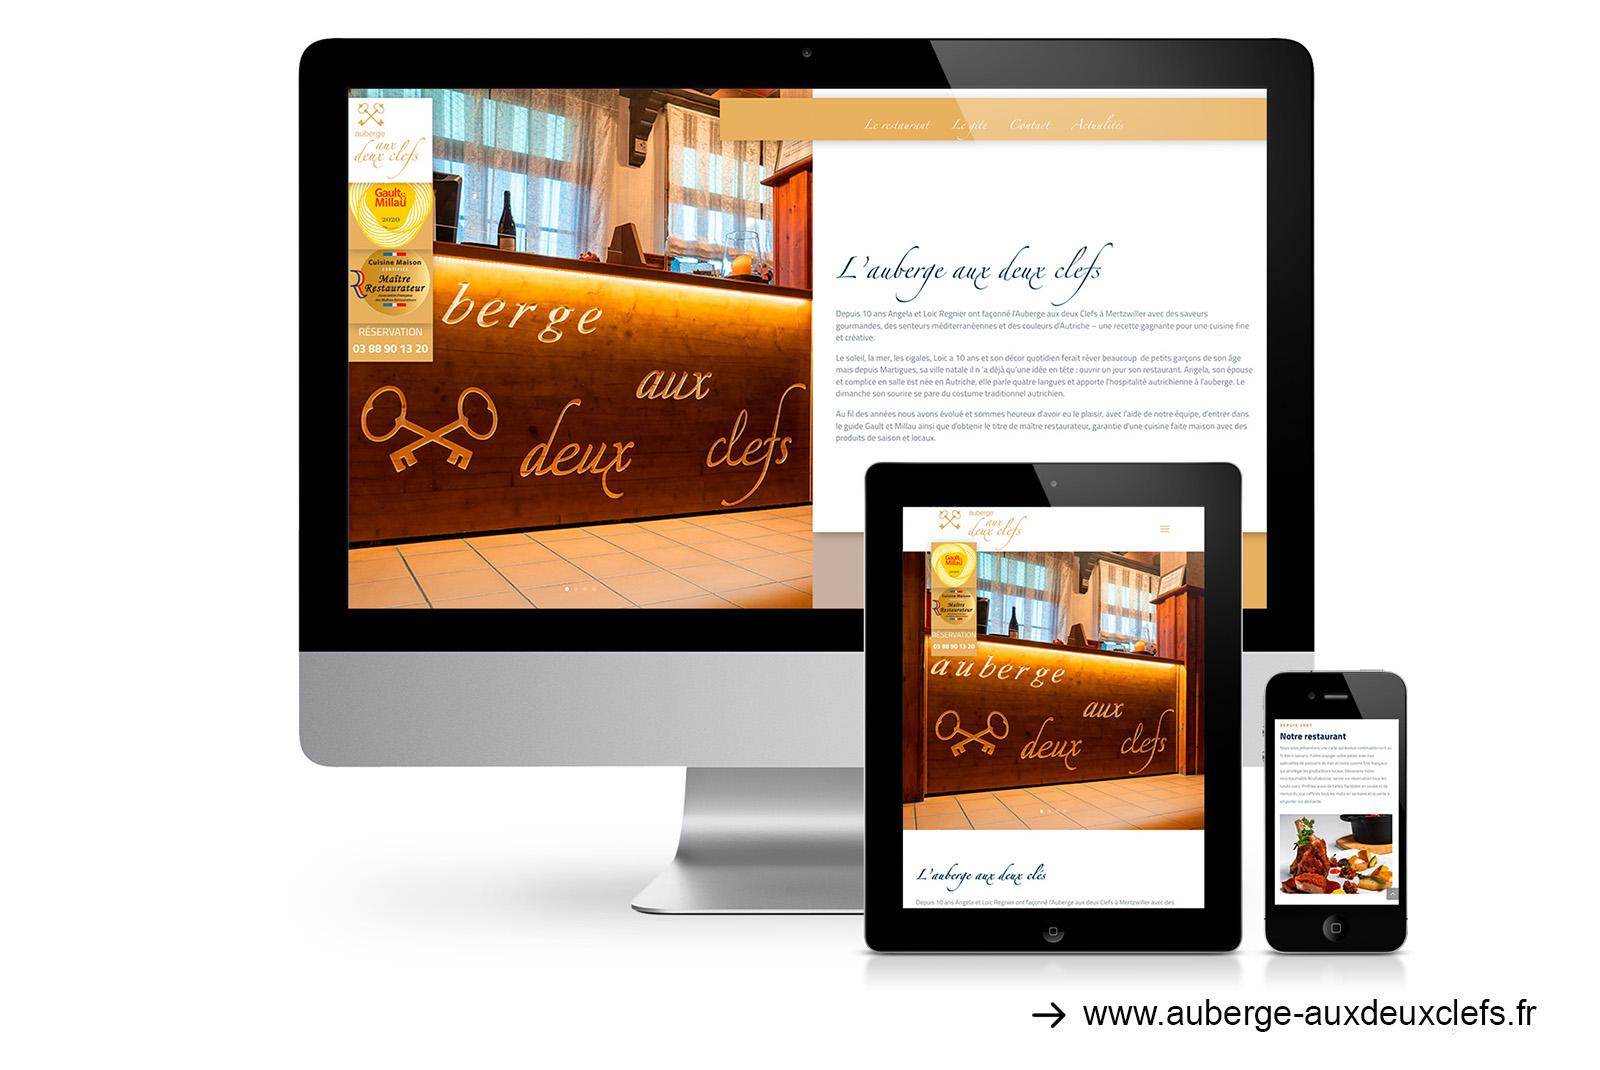 AUBERGE-AUX-DEUX-CLEFS_WEB_2020